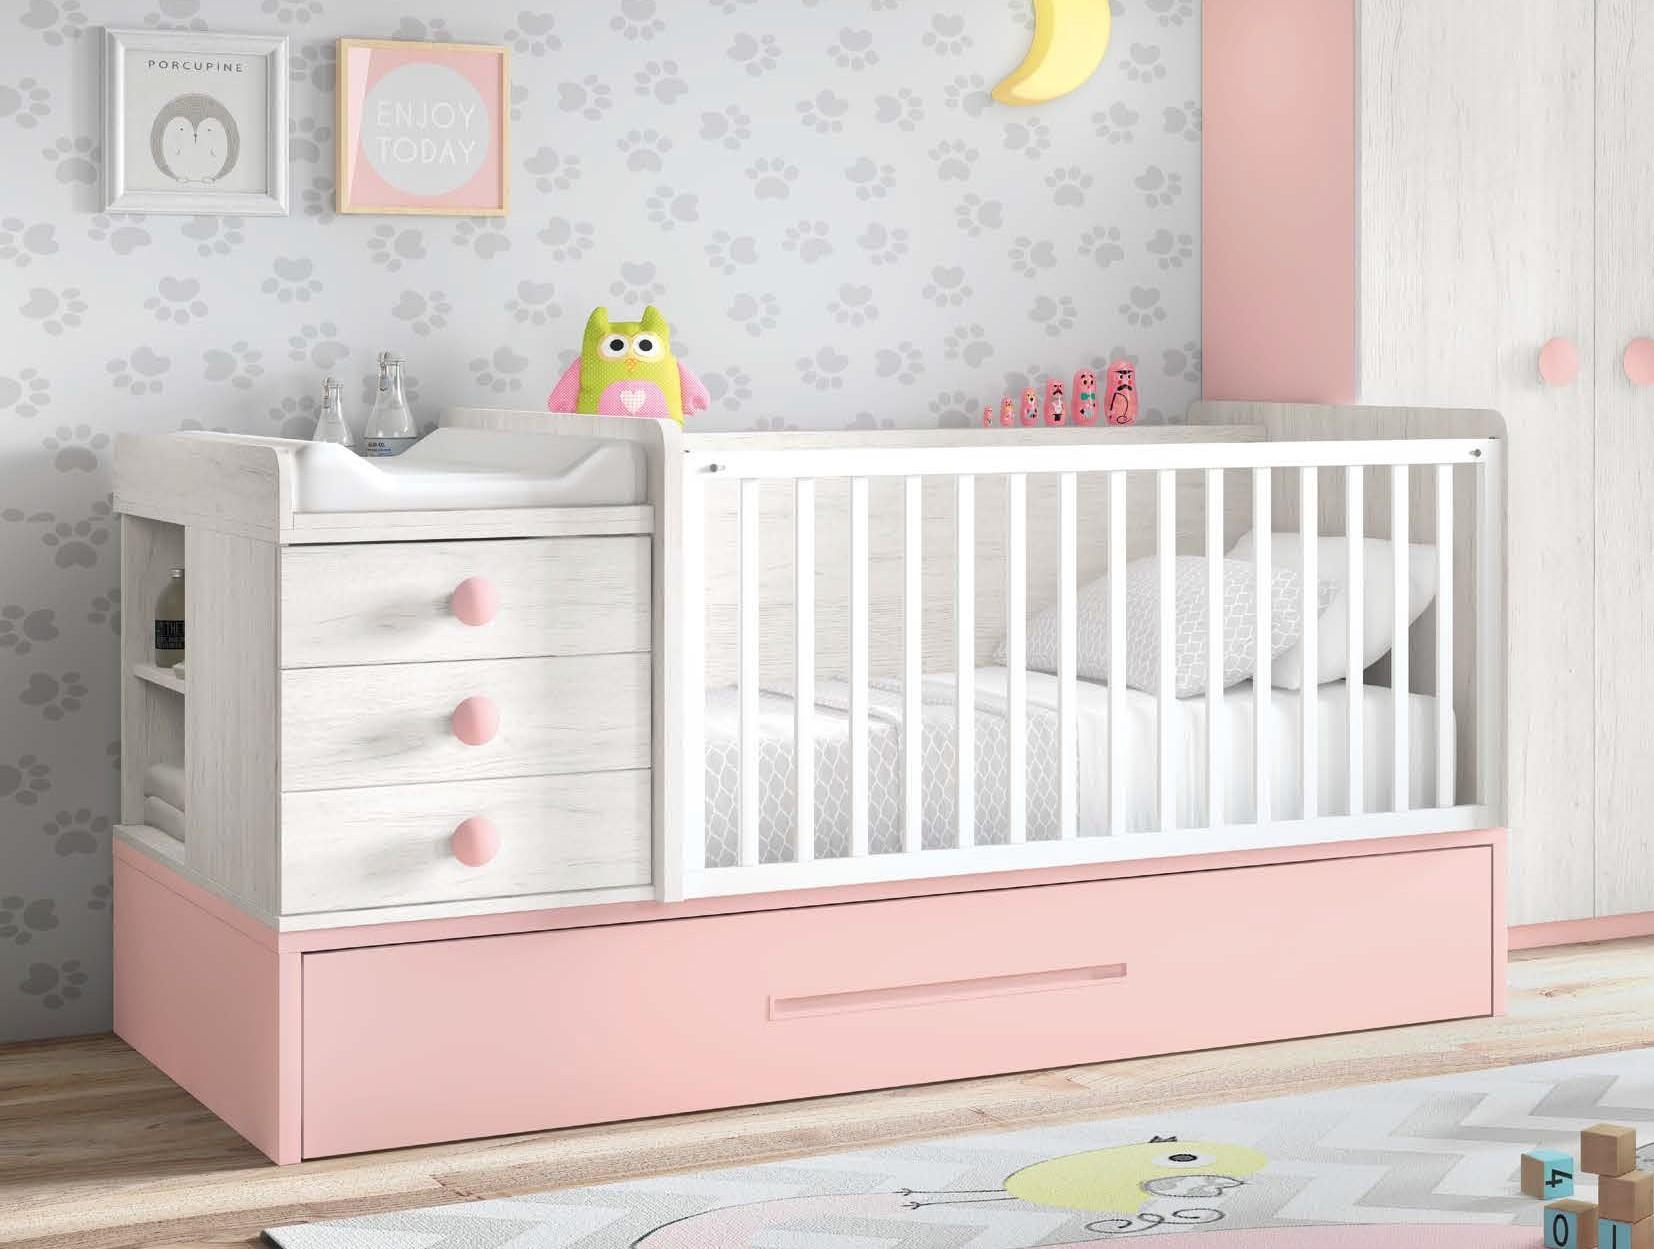 Comprar muebles infantiles en Zaragoza - Muebles Rey